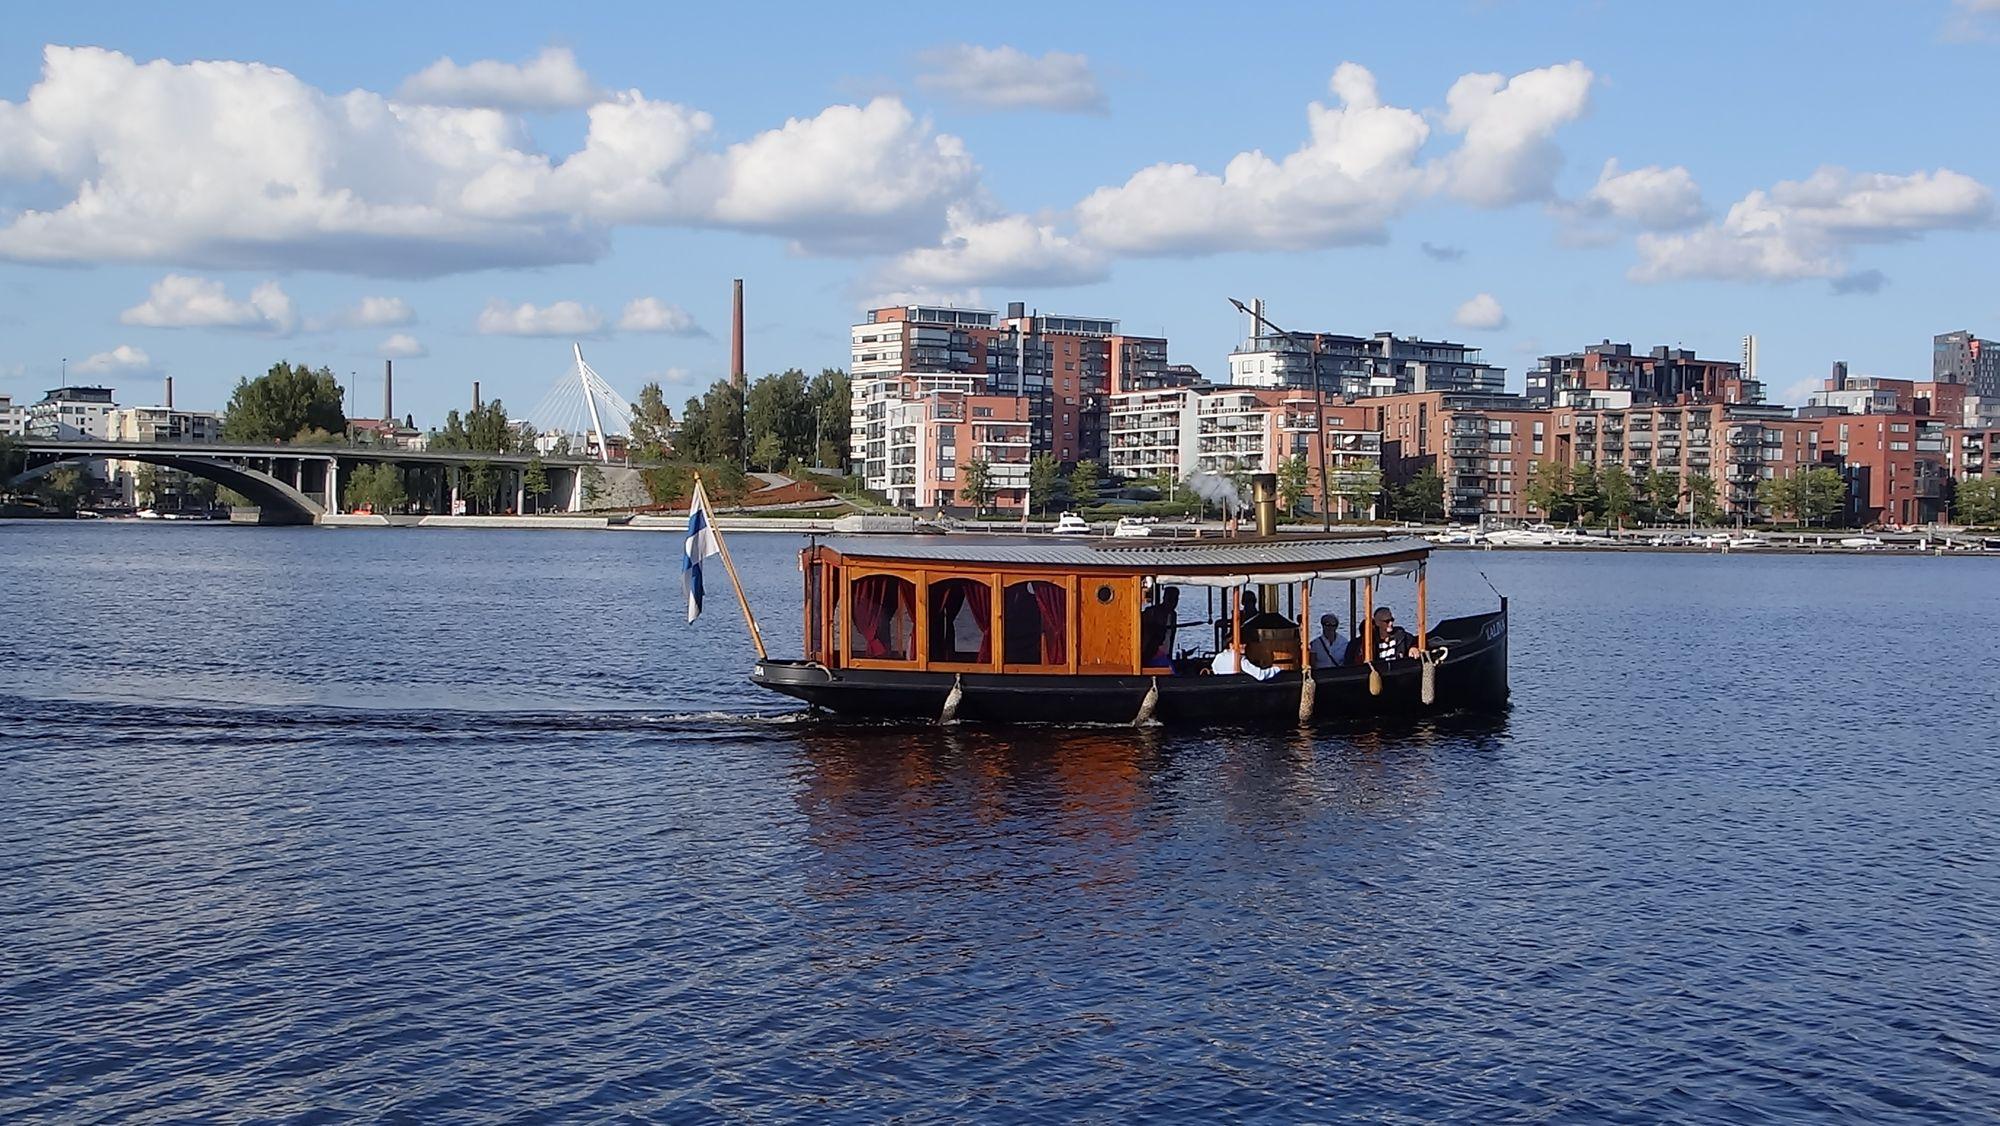 Höyrylaiva s/s Alina - laivat ja veneet juhliin / Venuu.fi